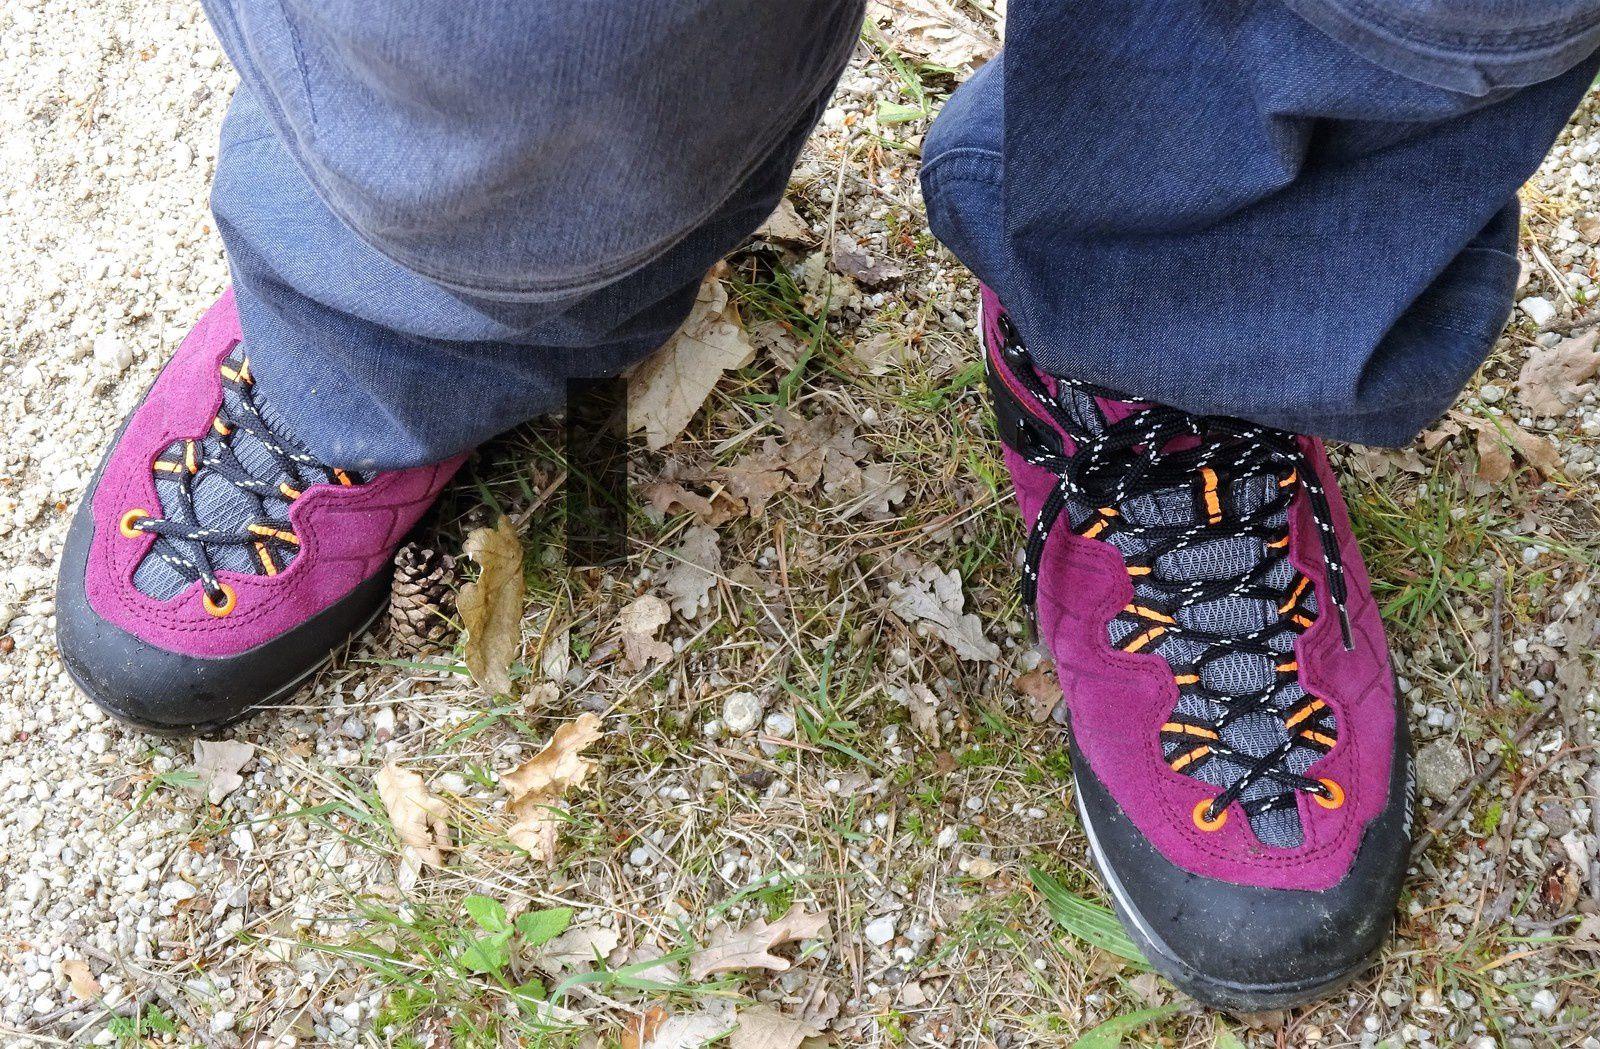 Les nouvelles chaussures de Framboise ! heu... de Françoise !